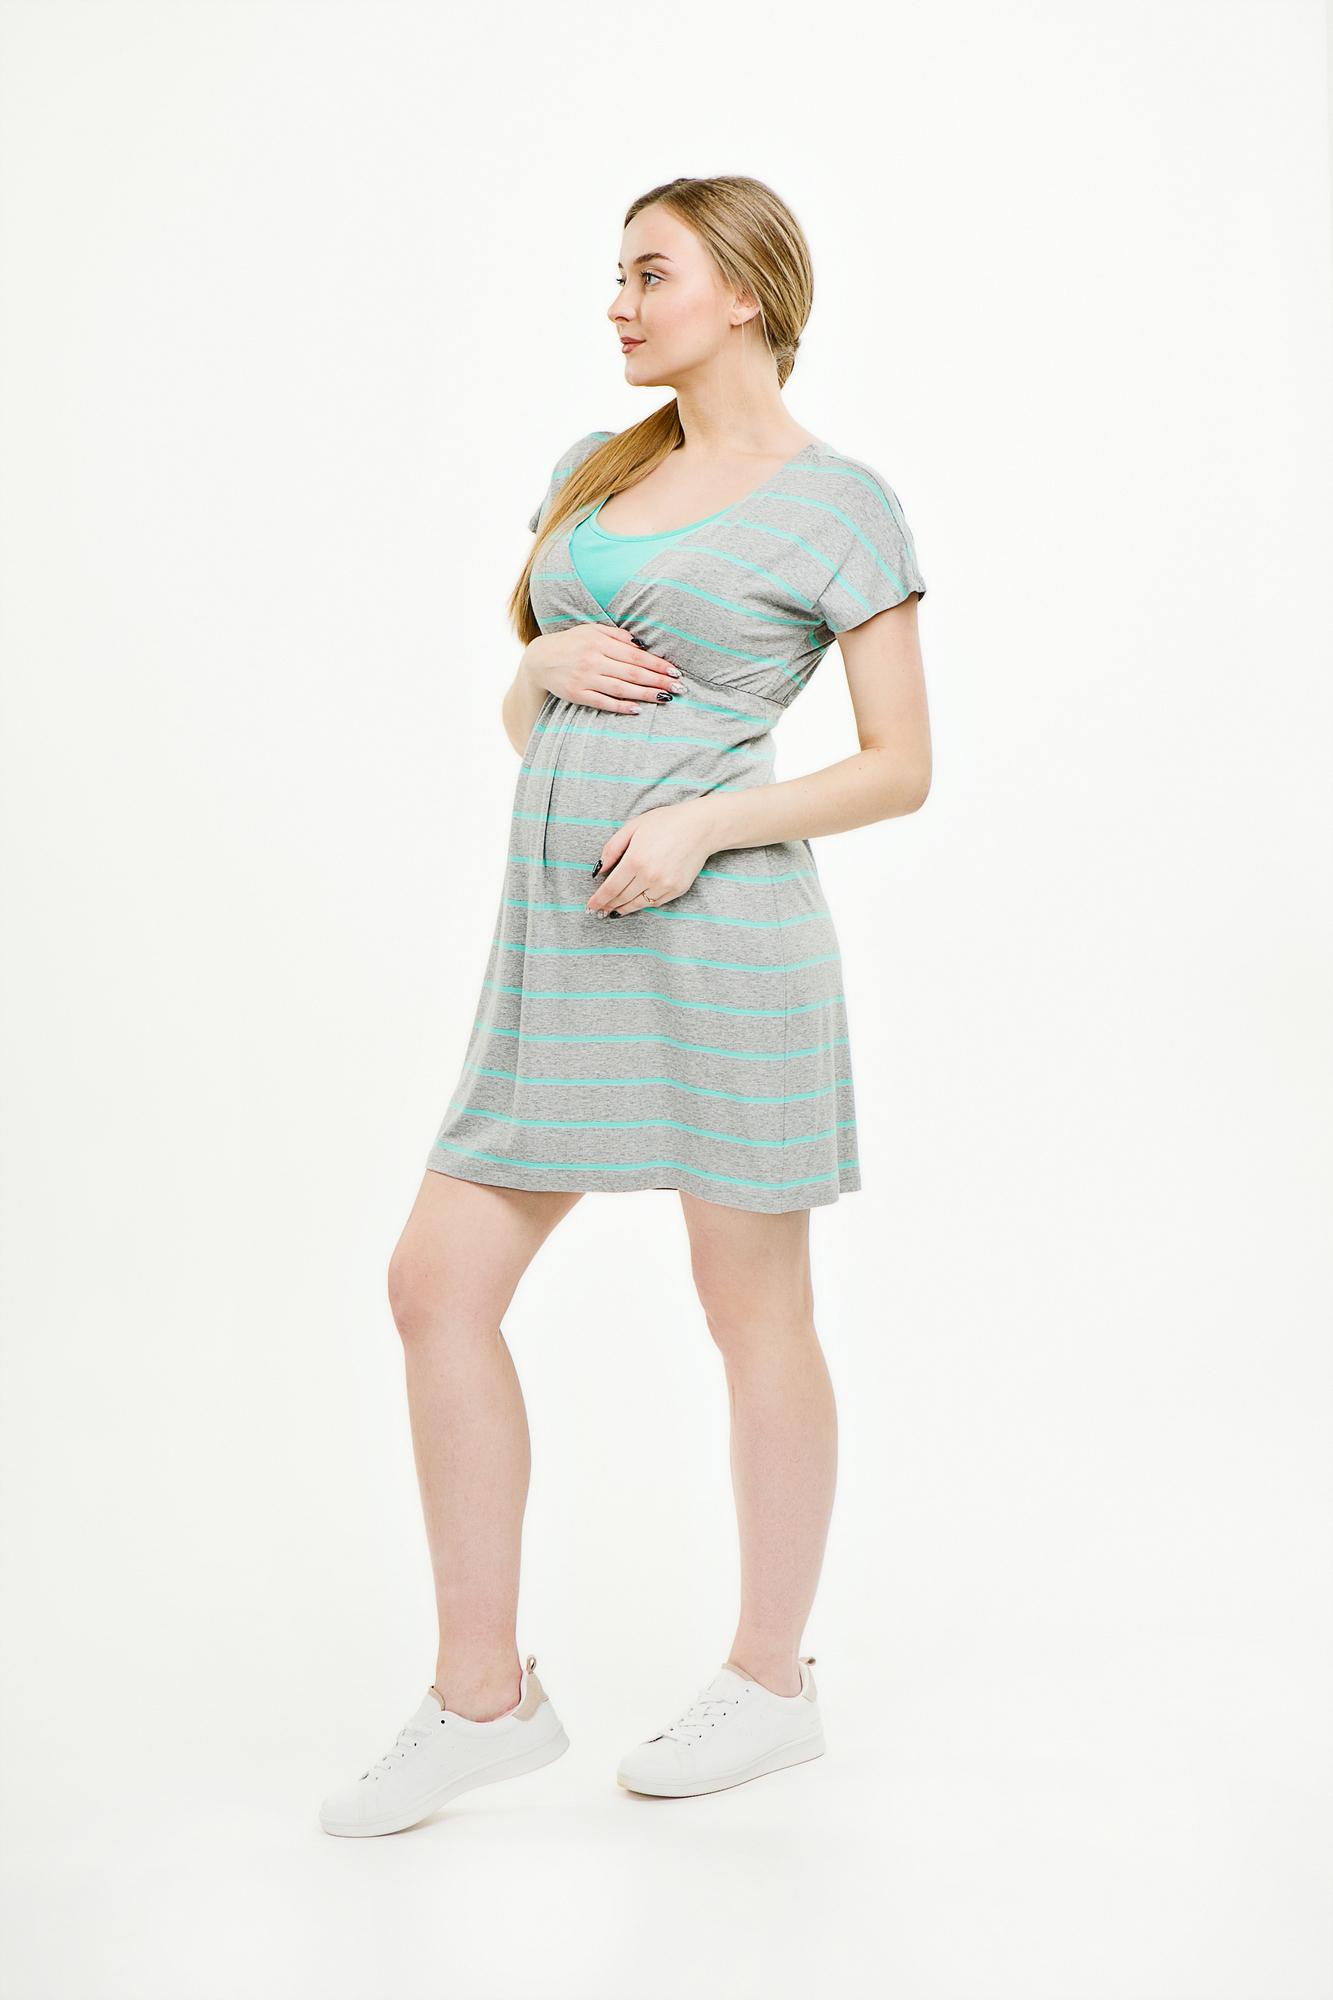 Фото платье для беременных MAMA`S FANTASY от магазина СкороМама, серый, полоска, размеры.